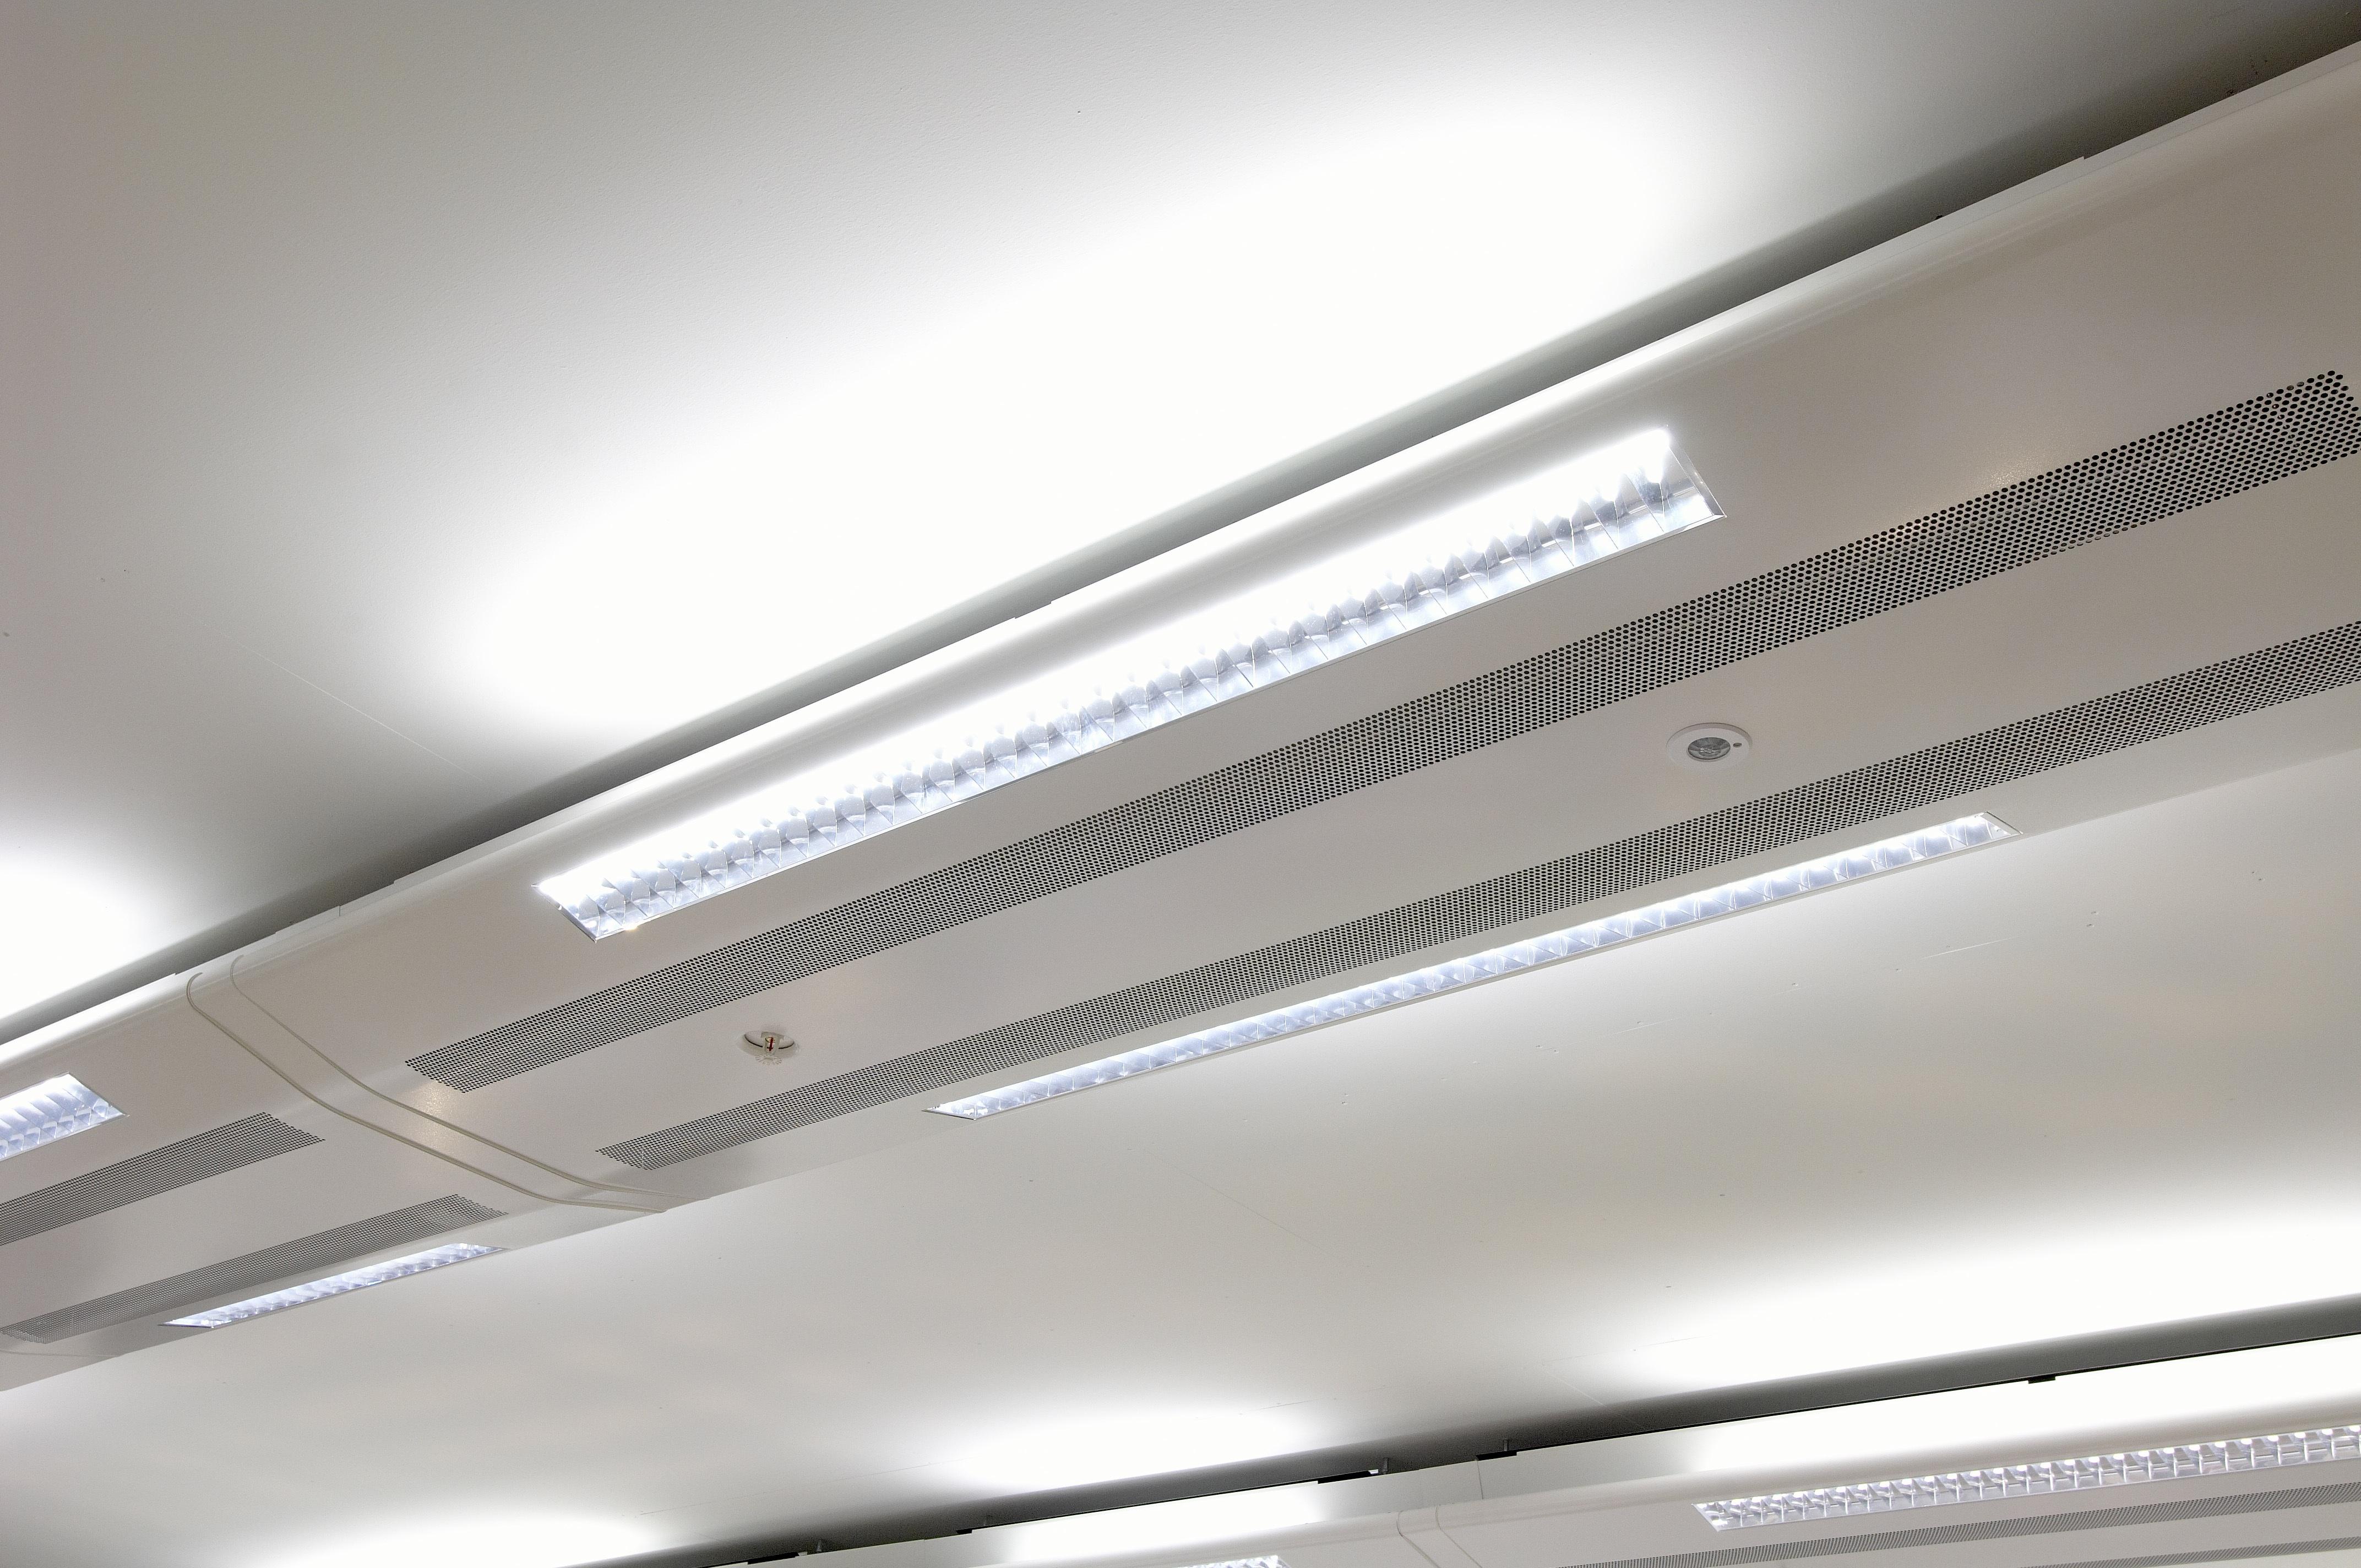 Illuminazione Casa Con Travi Vista: Illuminazione led casa: luglio ...